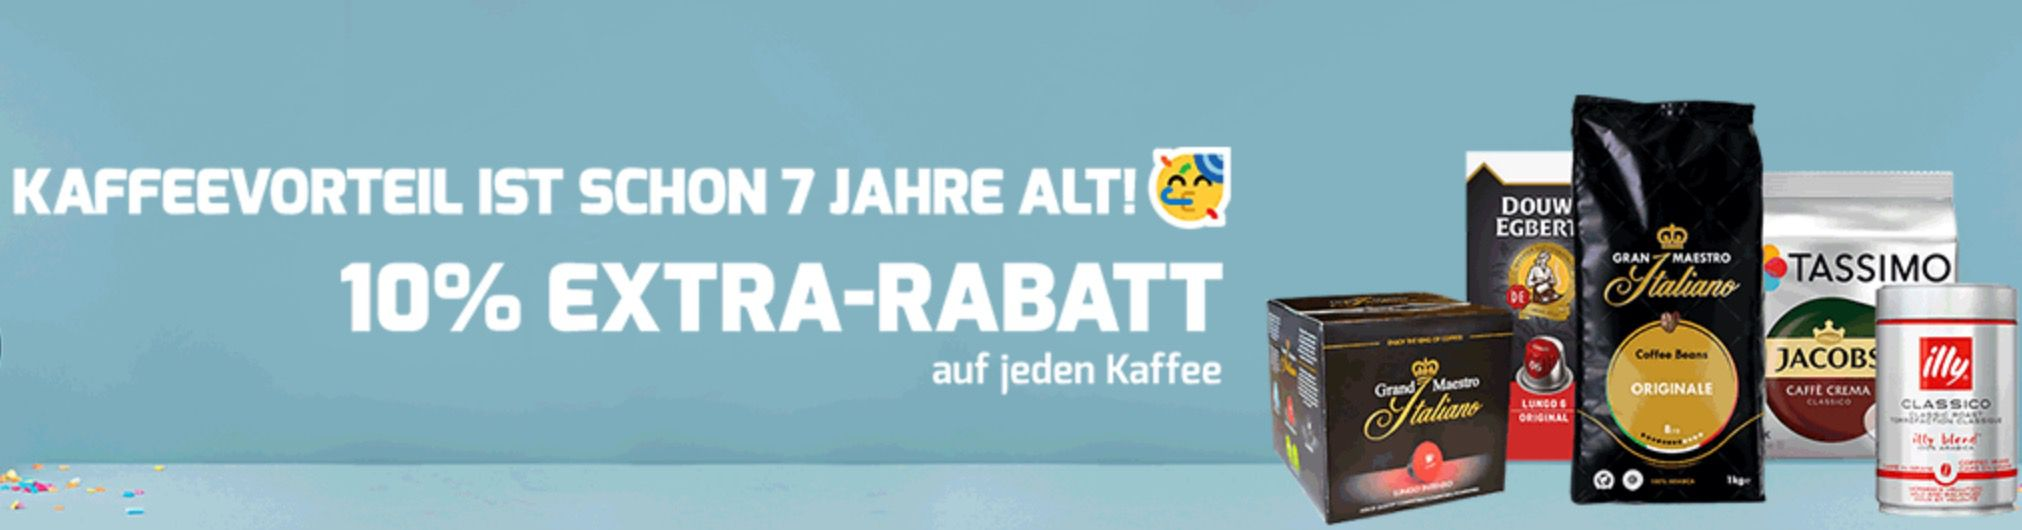 Bis Mitternacht! Kaffeevorteil mit 10% extra Rabatt ab 50€   auf alles   auch im Sale